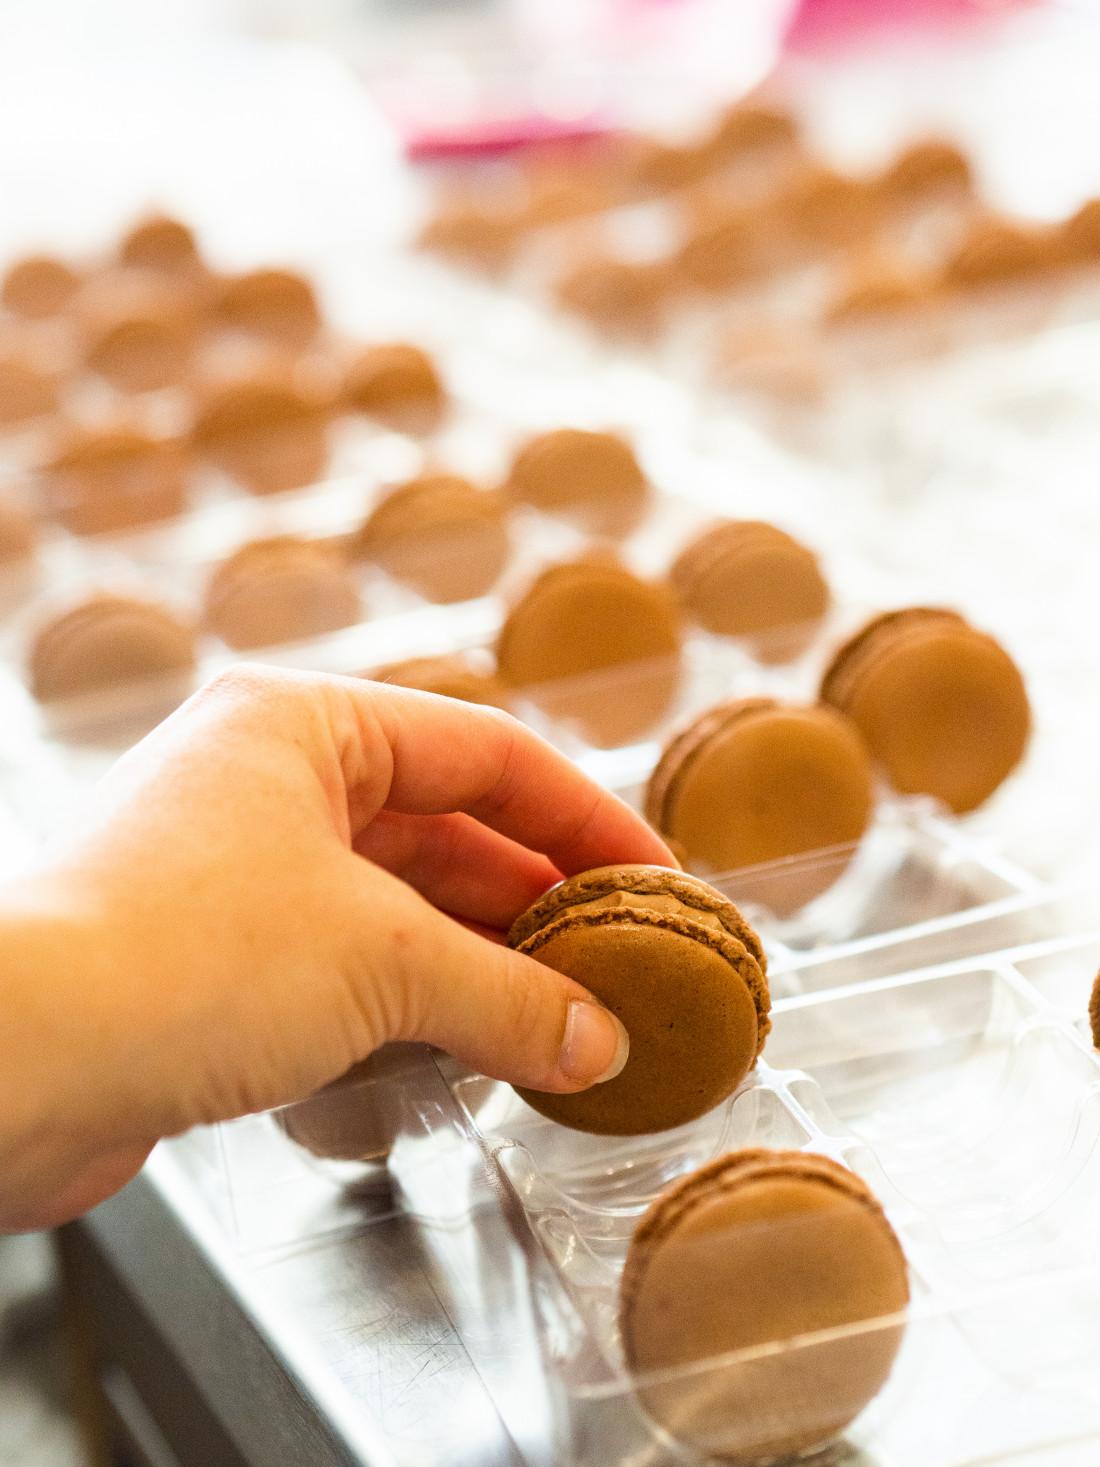 Verpackung von handgemachten Schokoladen Macarons